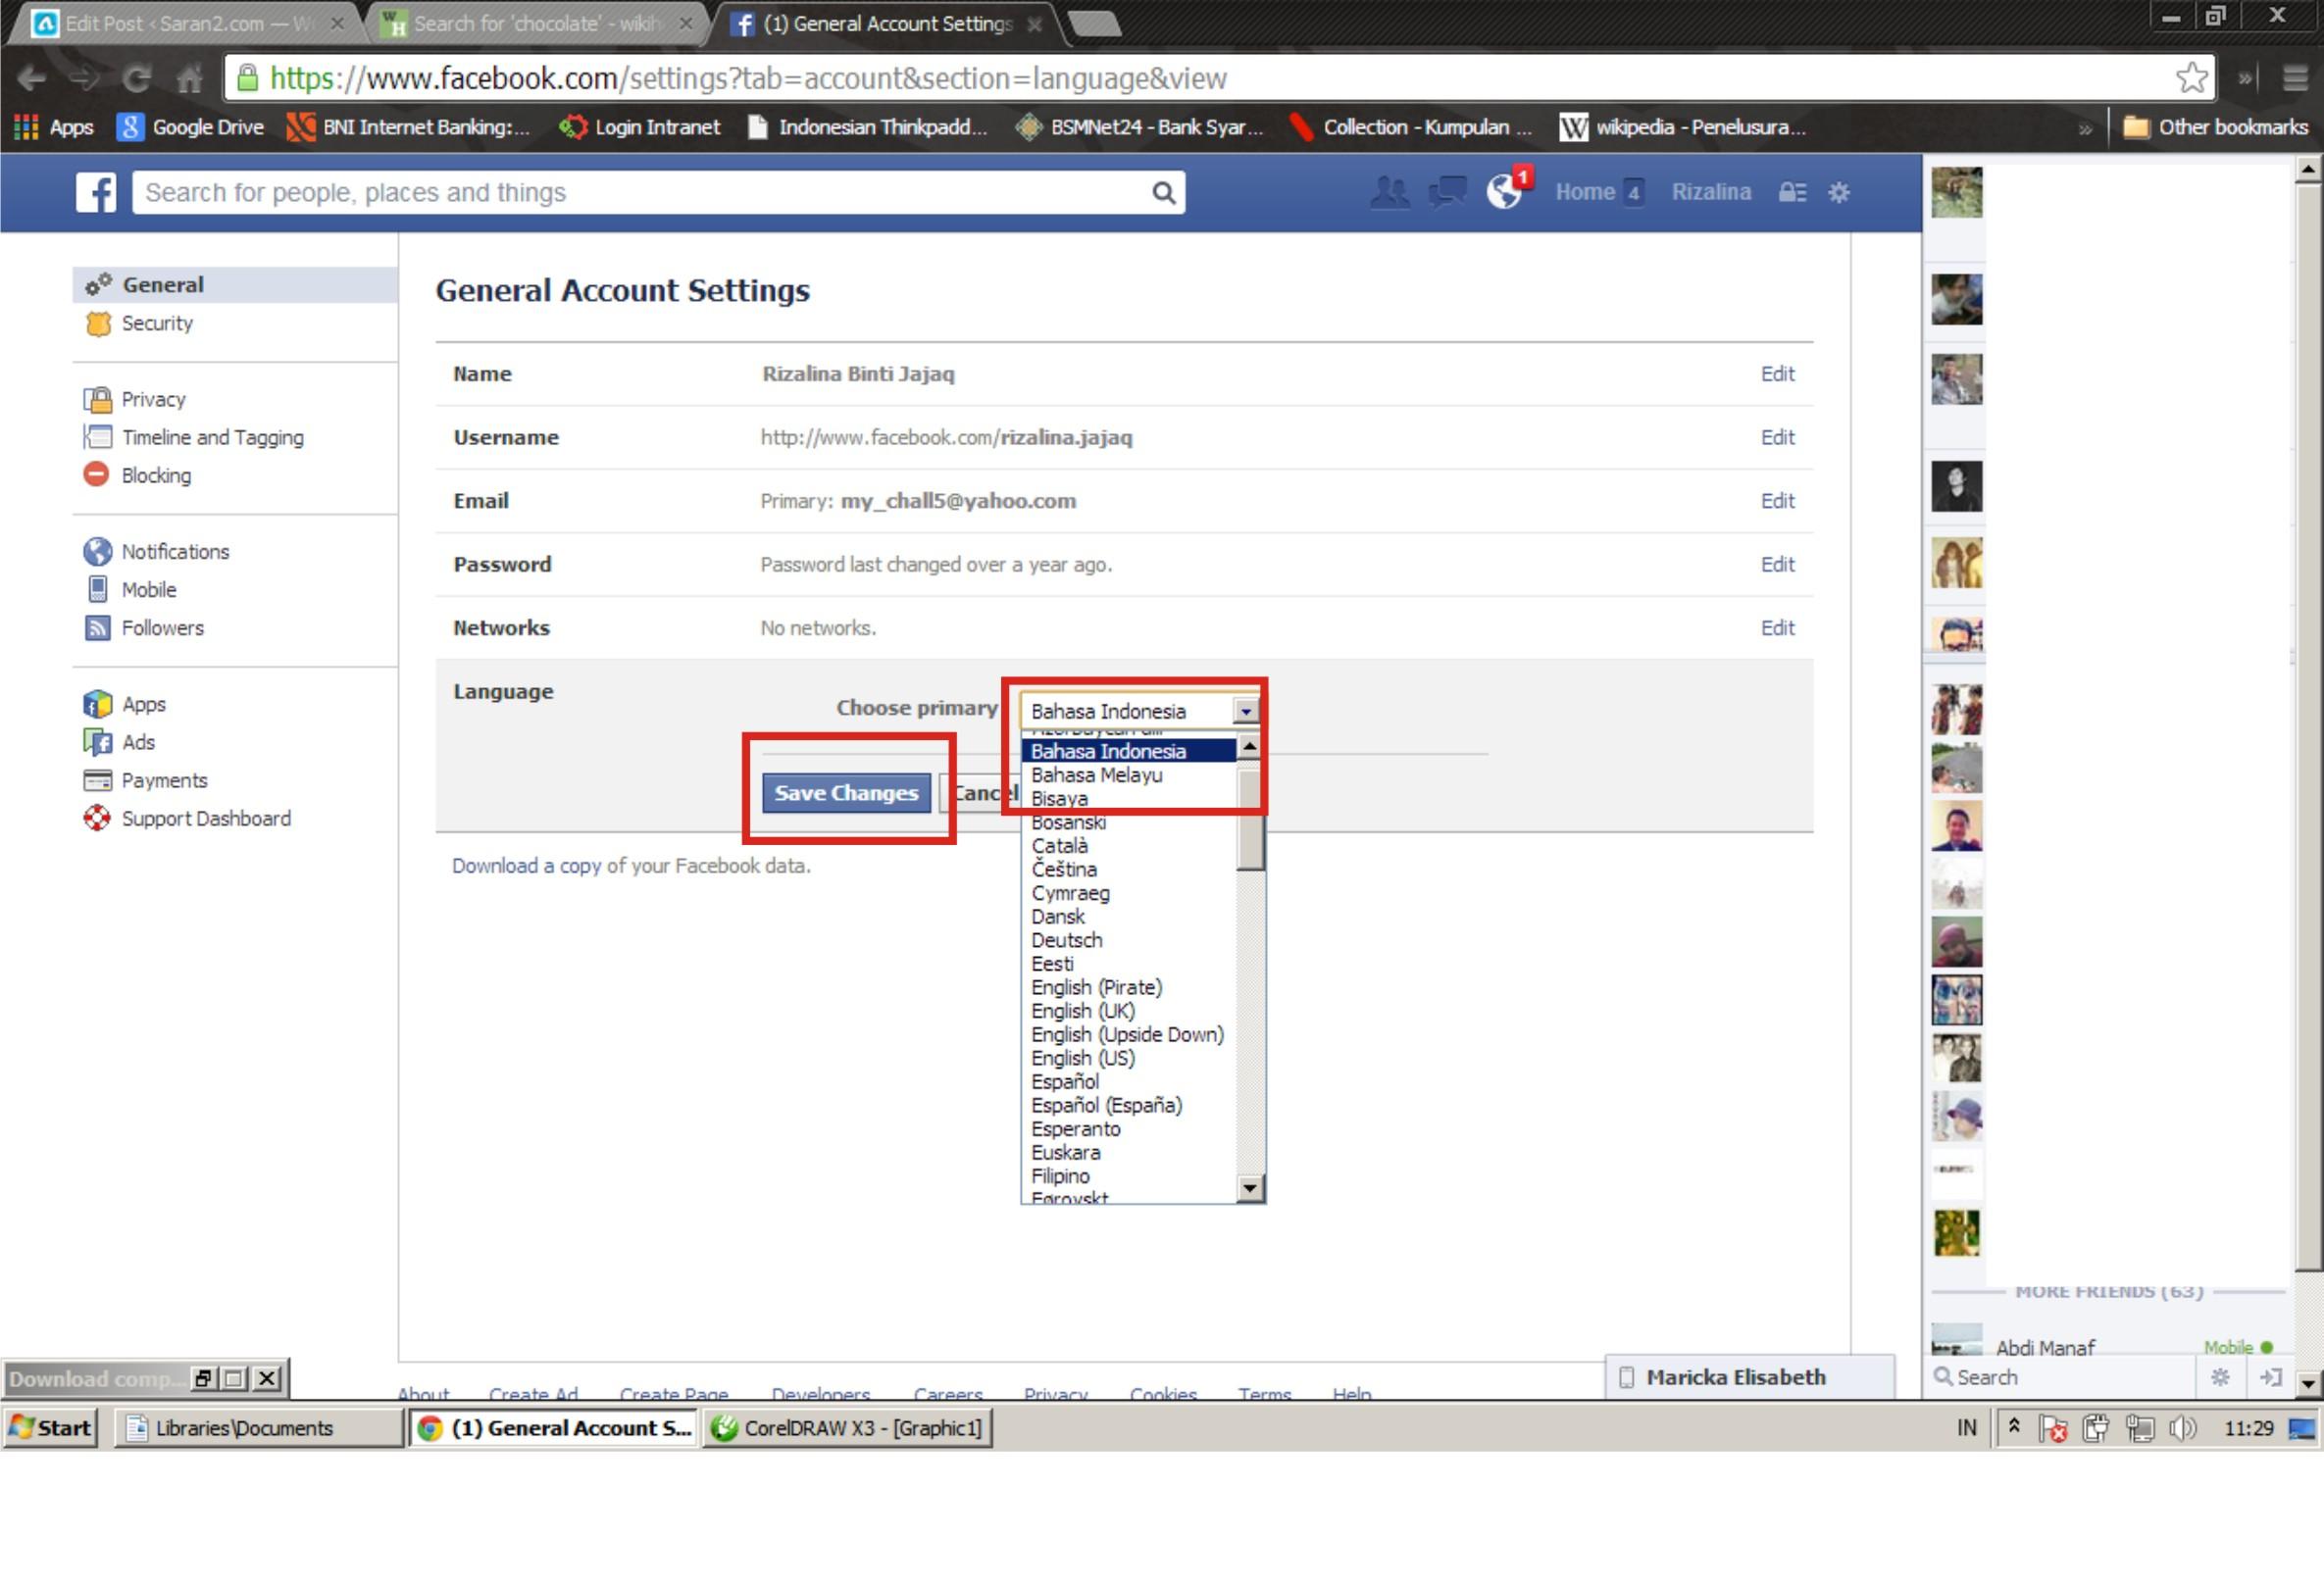 Selesai. settingan bahasa pada halaman facebook anda sudah berganti